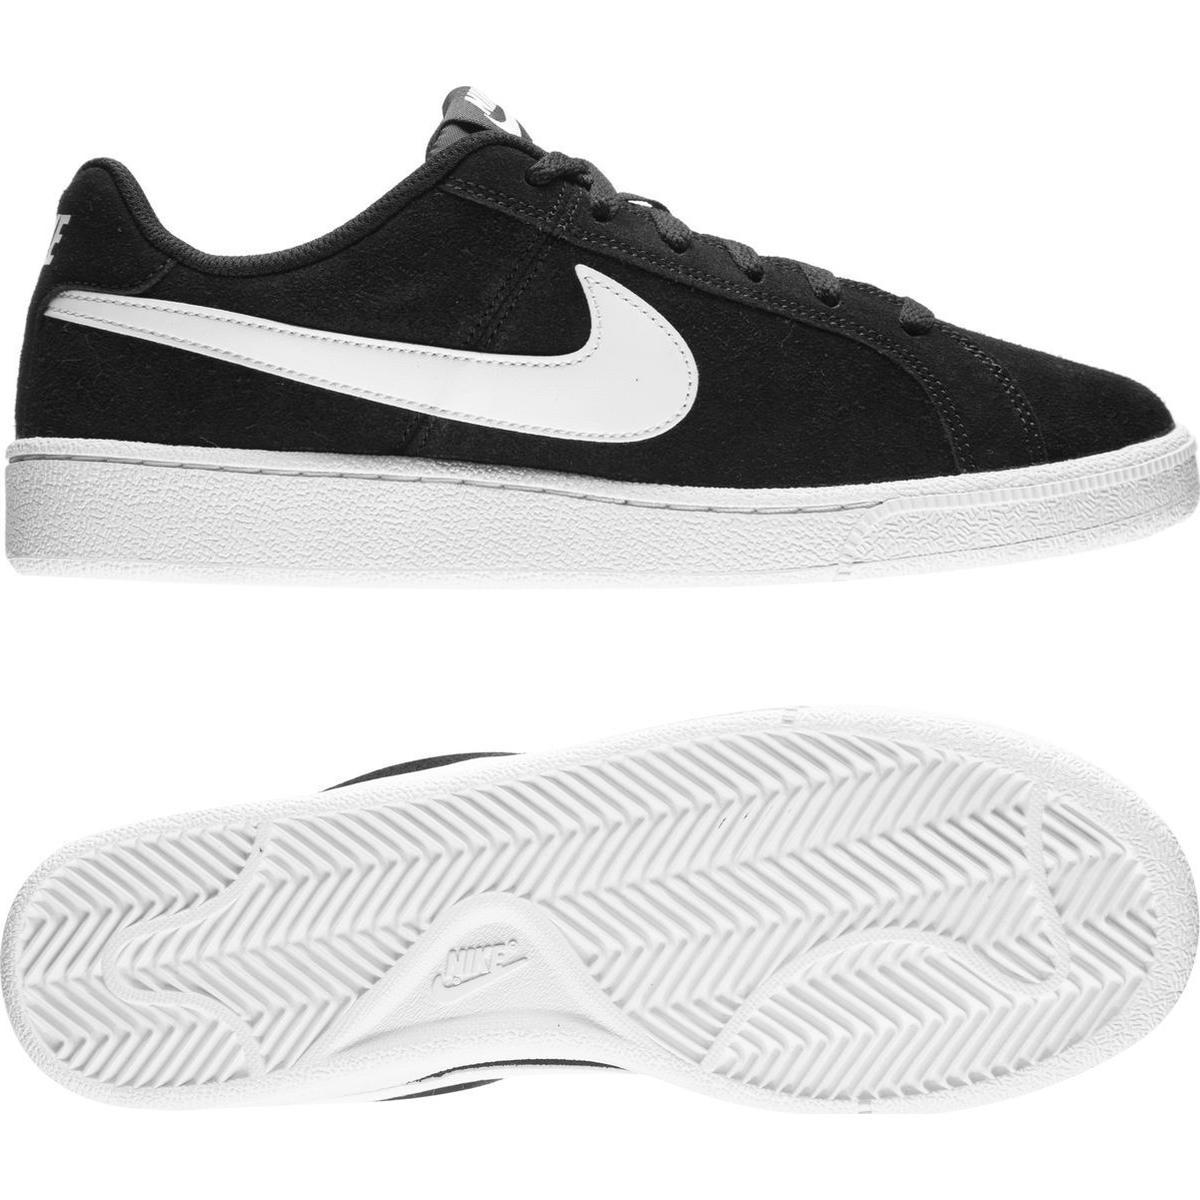 Nike court royale • Find den billigste pris hos PriceRunner nu »